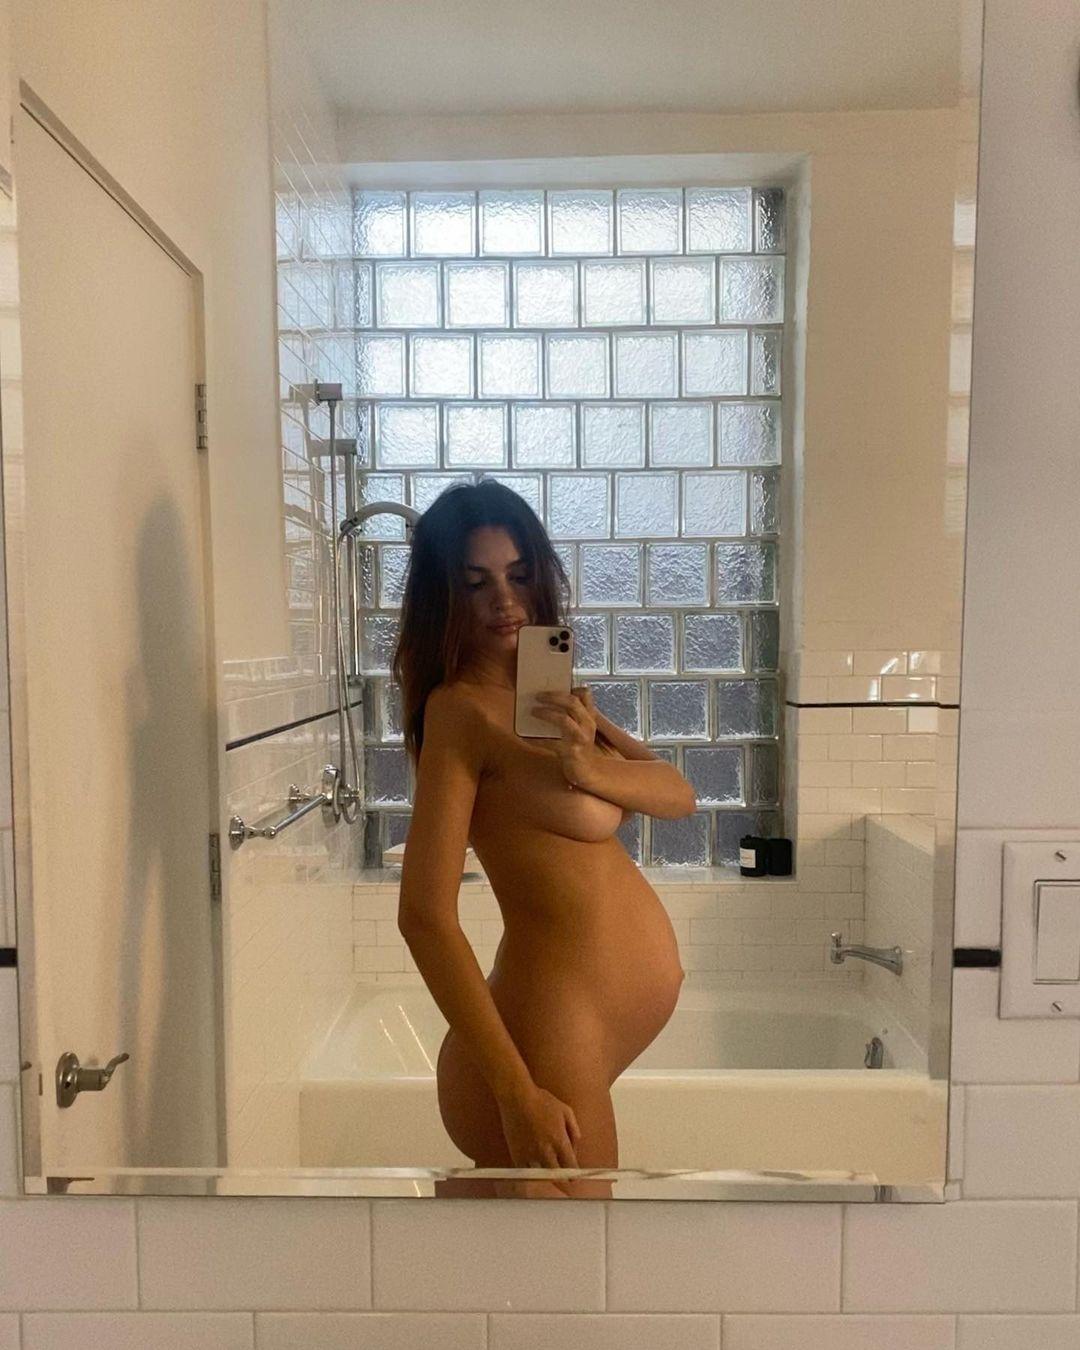 Идеальная фигура: беременная Эмили Ратаковски снялась полностью обнаженной (ФОТО) - фото №1